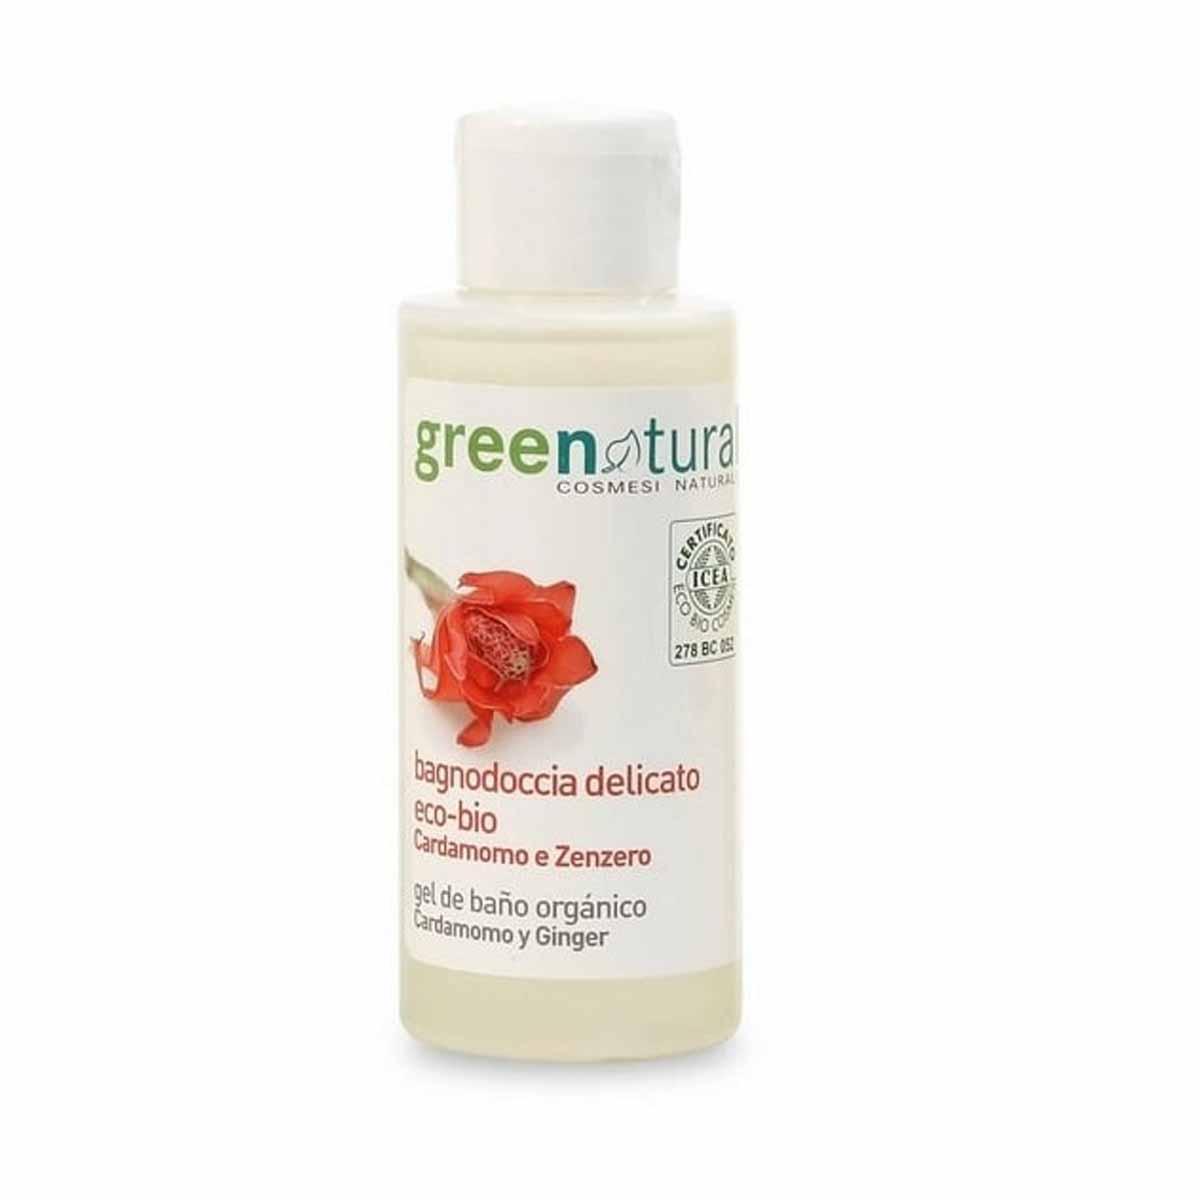 Greenatural – Bagnodoccia Tonificante Cardamomo & Zenzero 100ml